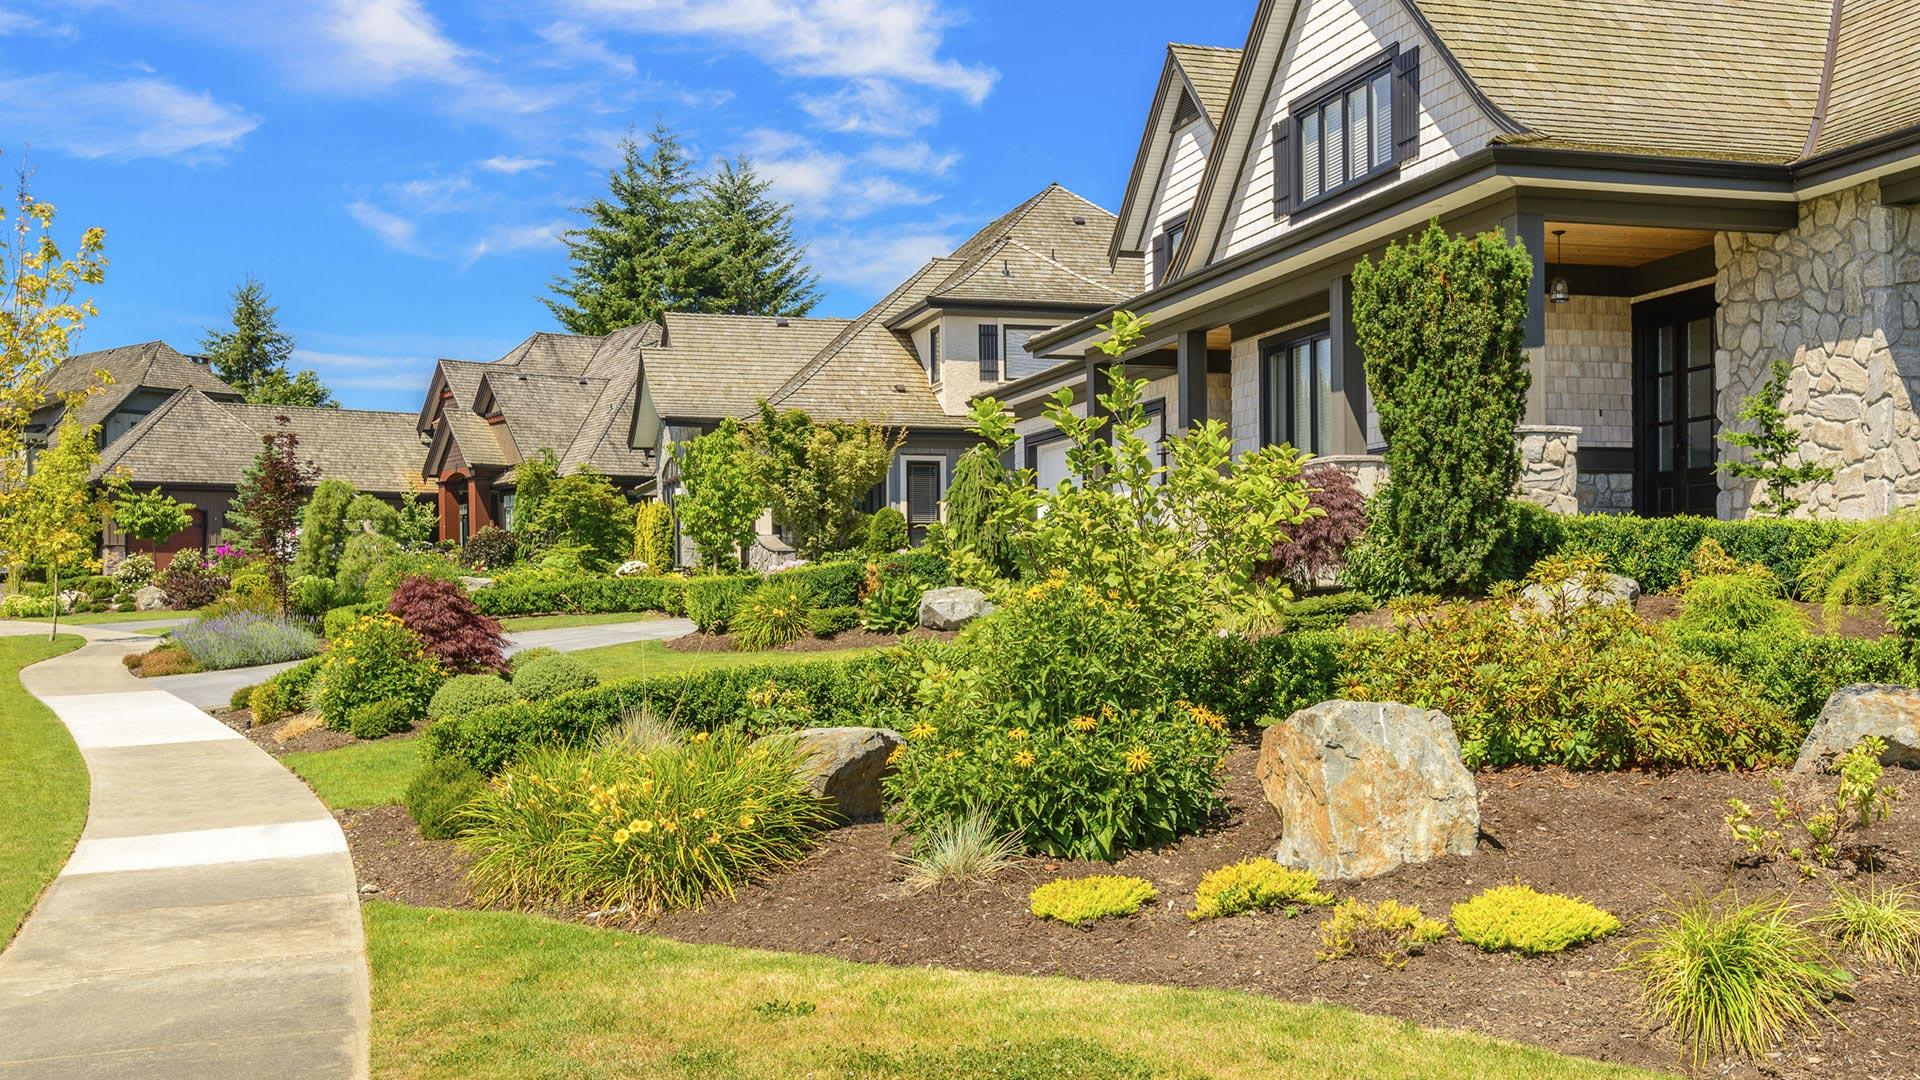 Da Vinci Landscape Design LLC Landscape Design, Pavers and Landscaping slide 2